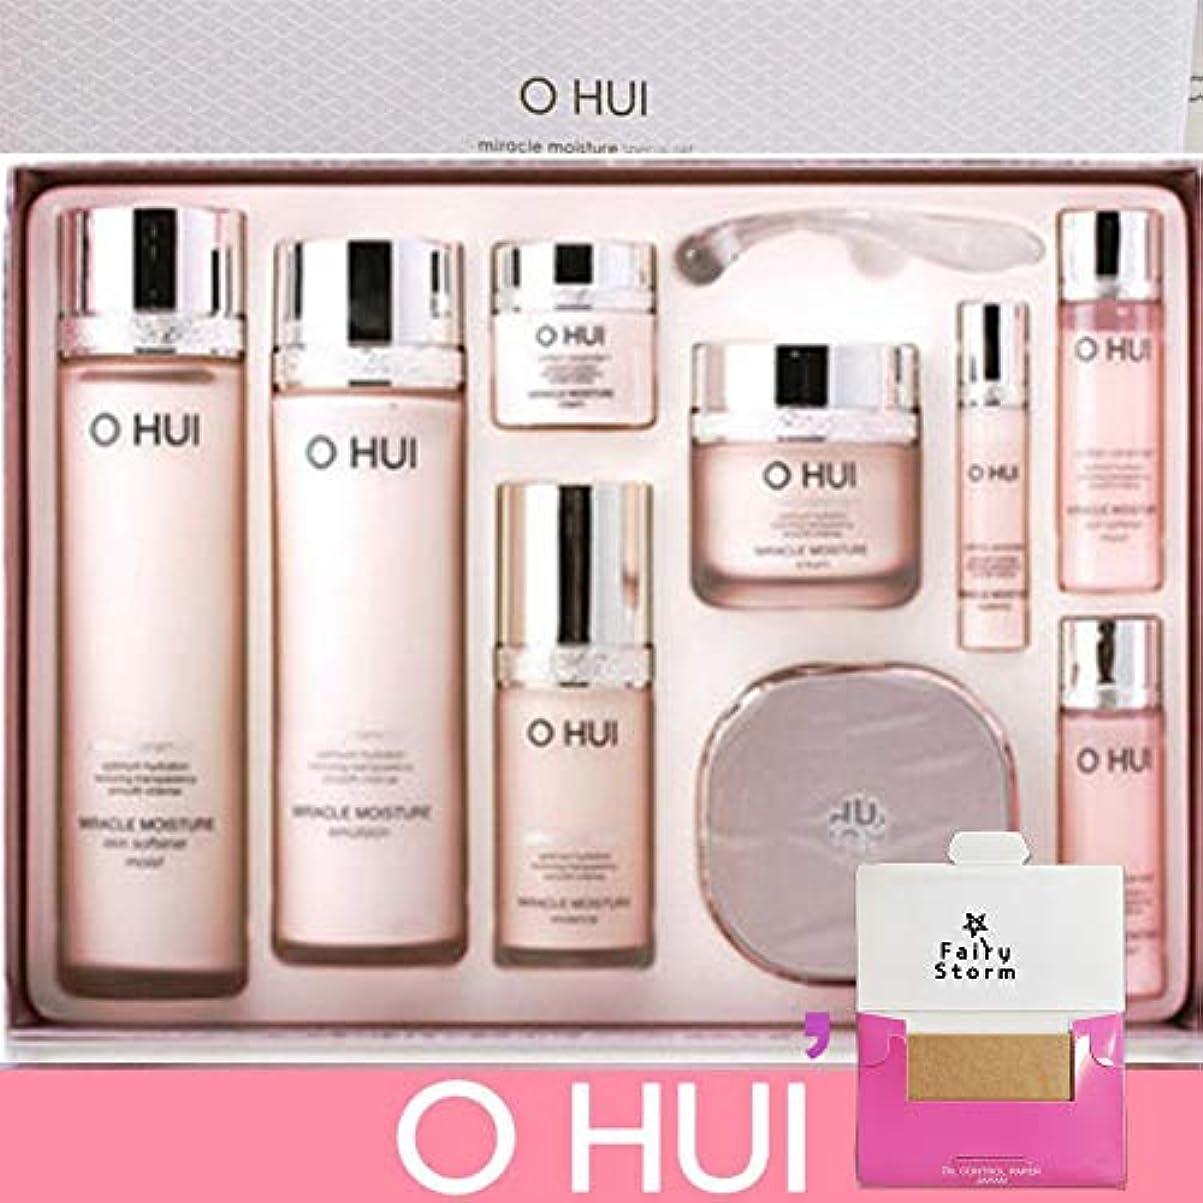 モールス信号可動どんよりした[オフィ/ O HUI]韓国化粧品 LG生活健康/ O HUI MIRACLE MOISTURE SPECIAL SET/ミラクルモイスチャー スペシャル 4種 企画セット + [Sample Gift](海外直送品)